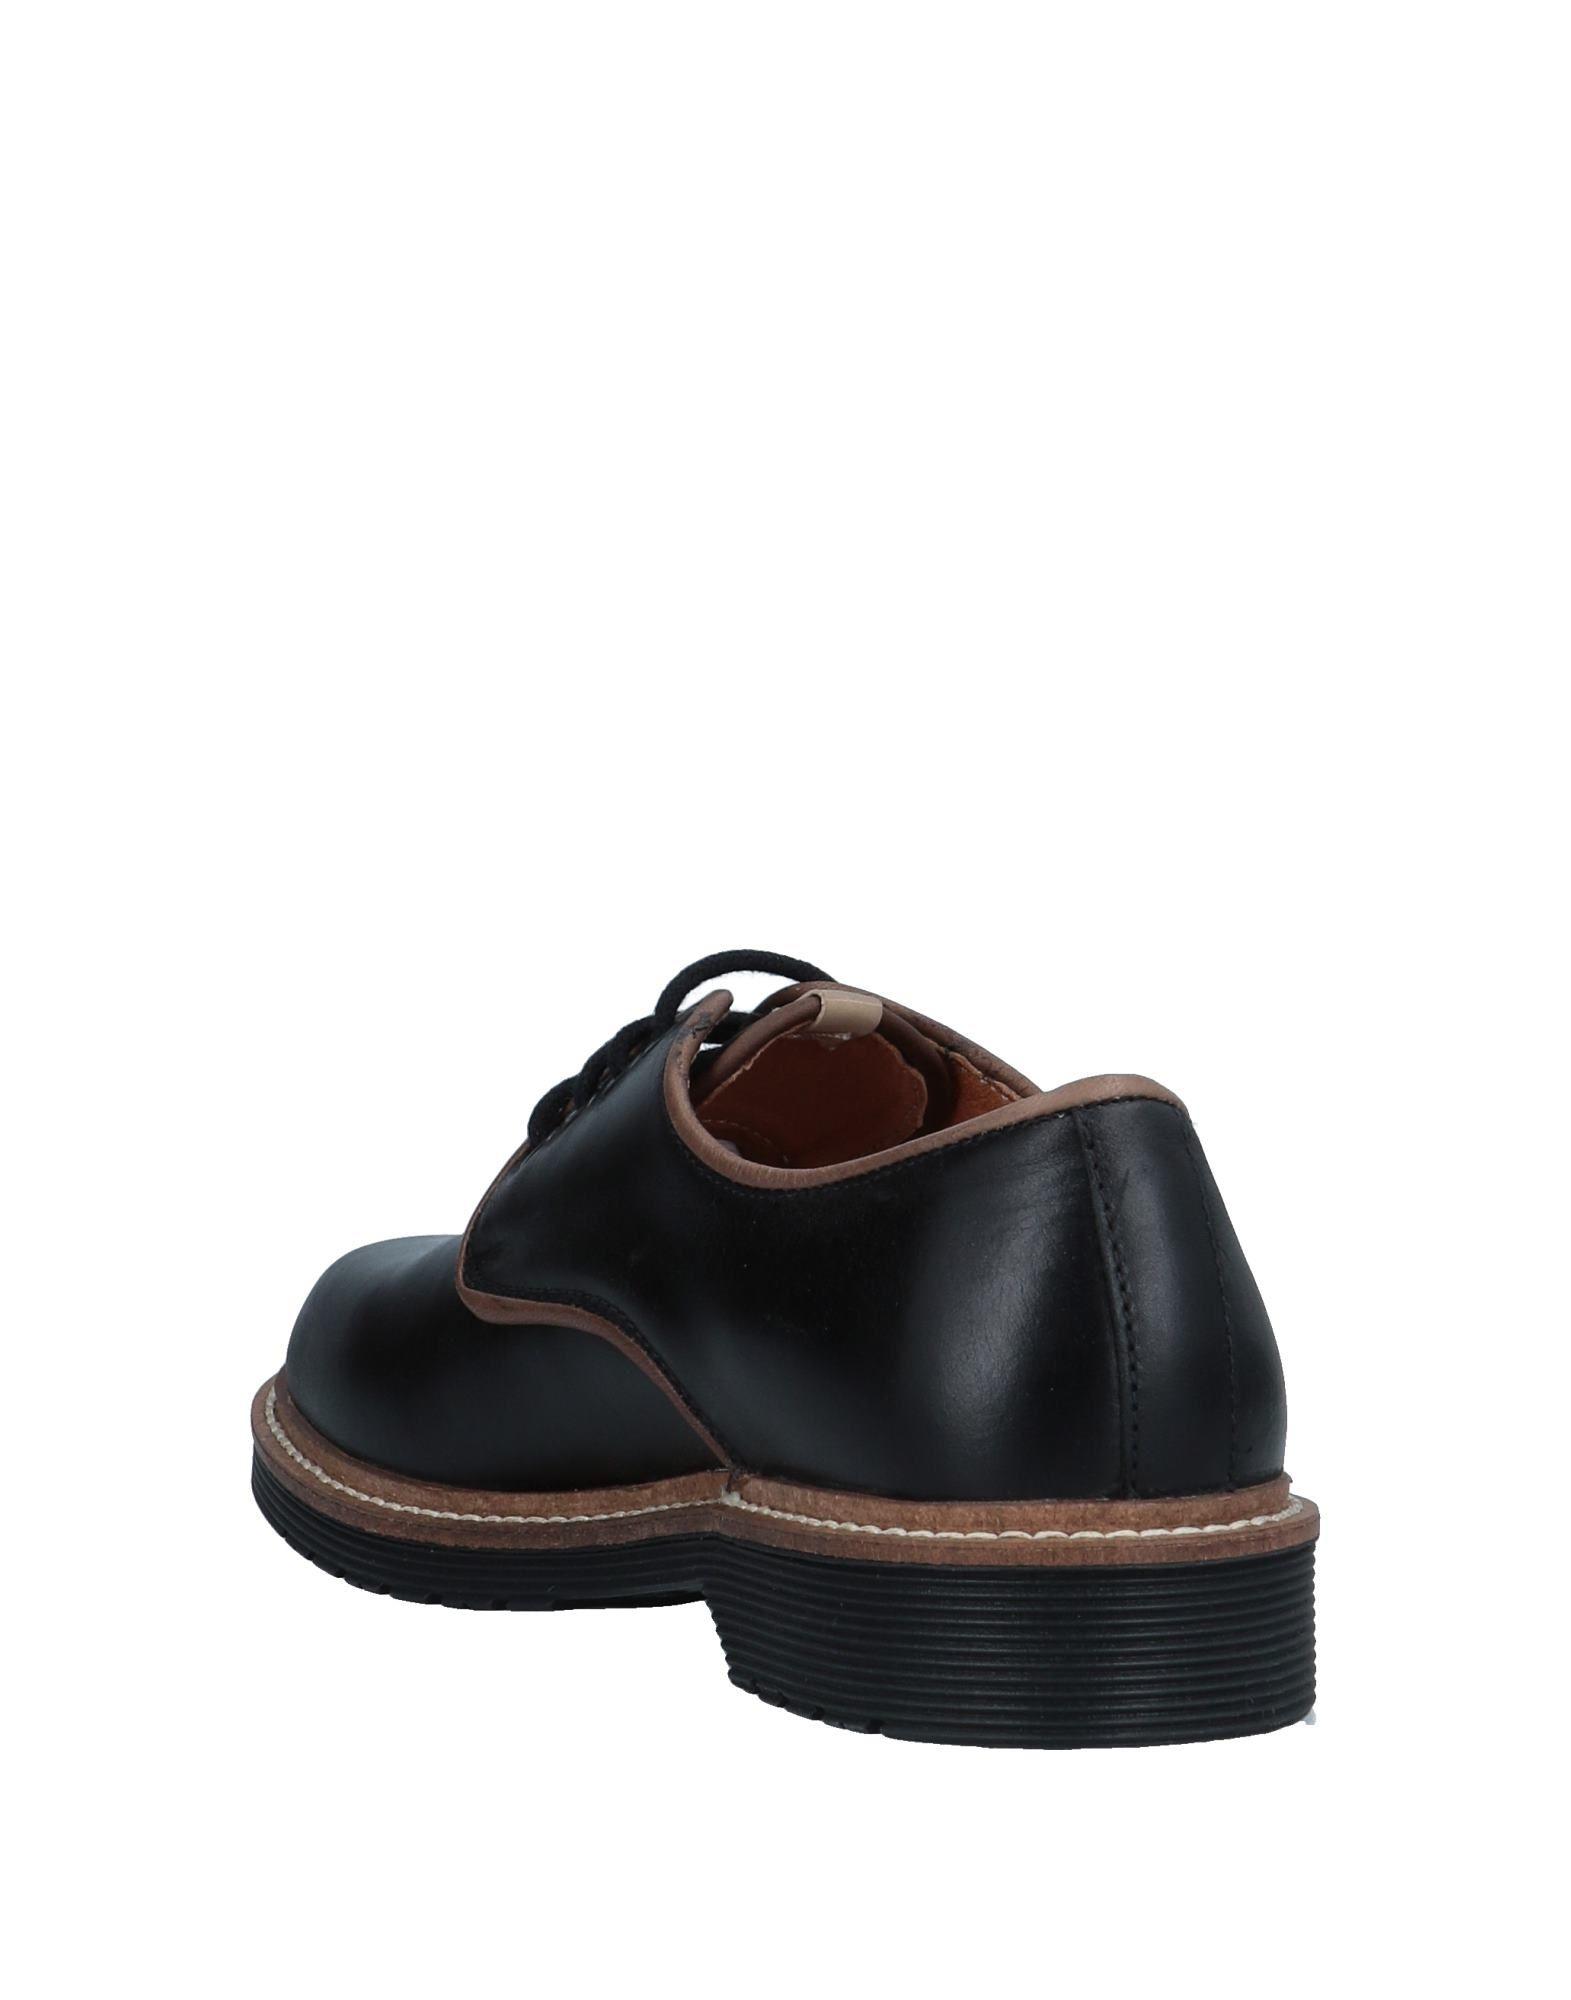 Maians Schnürschuhe Damen  11551924FX Schuhe Gute Qualität beliebte Schuhe 11551924FX 77278e